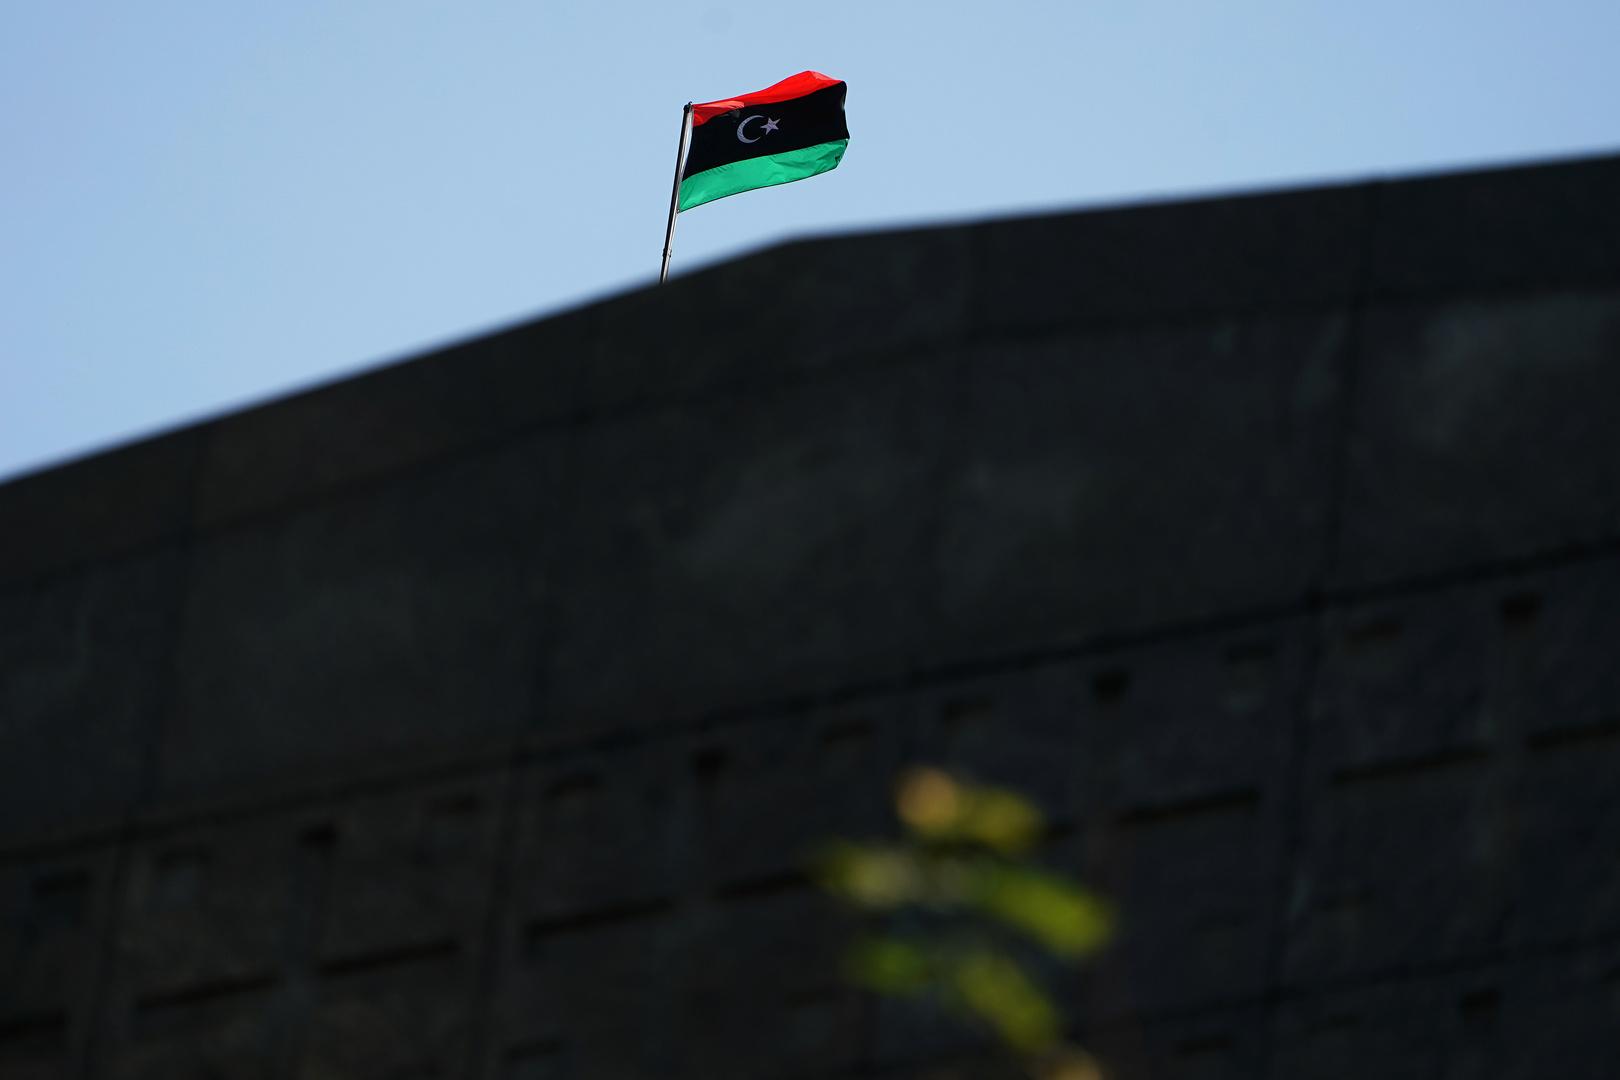 حكومة الوفاق الوطني الليبية تؤكد التزامها بالتعاون مع محكمة الجنايات الدولية